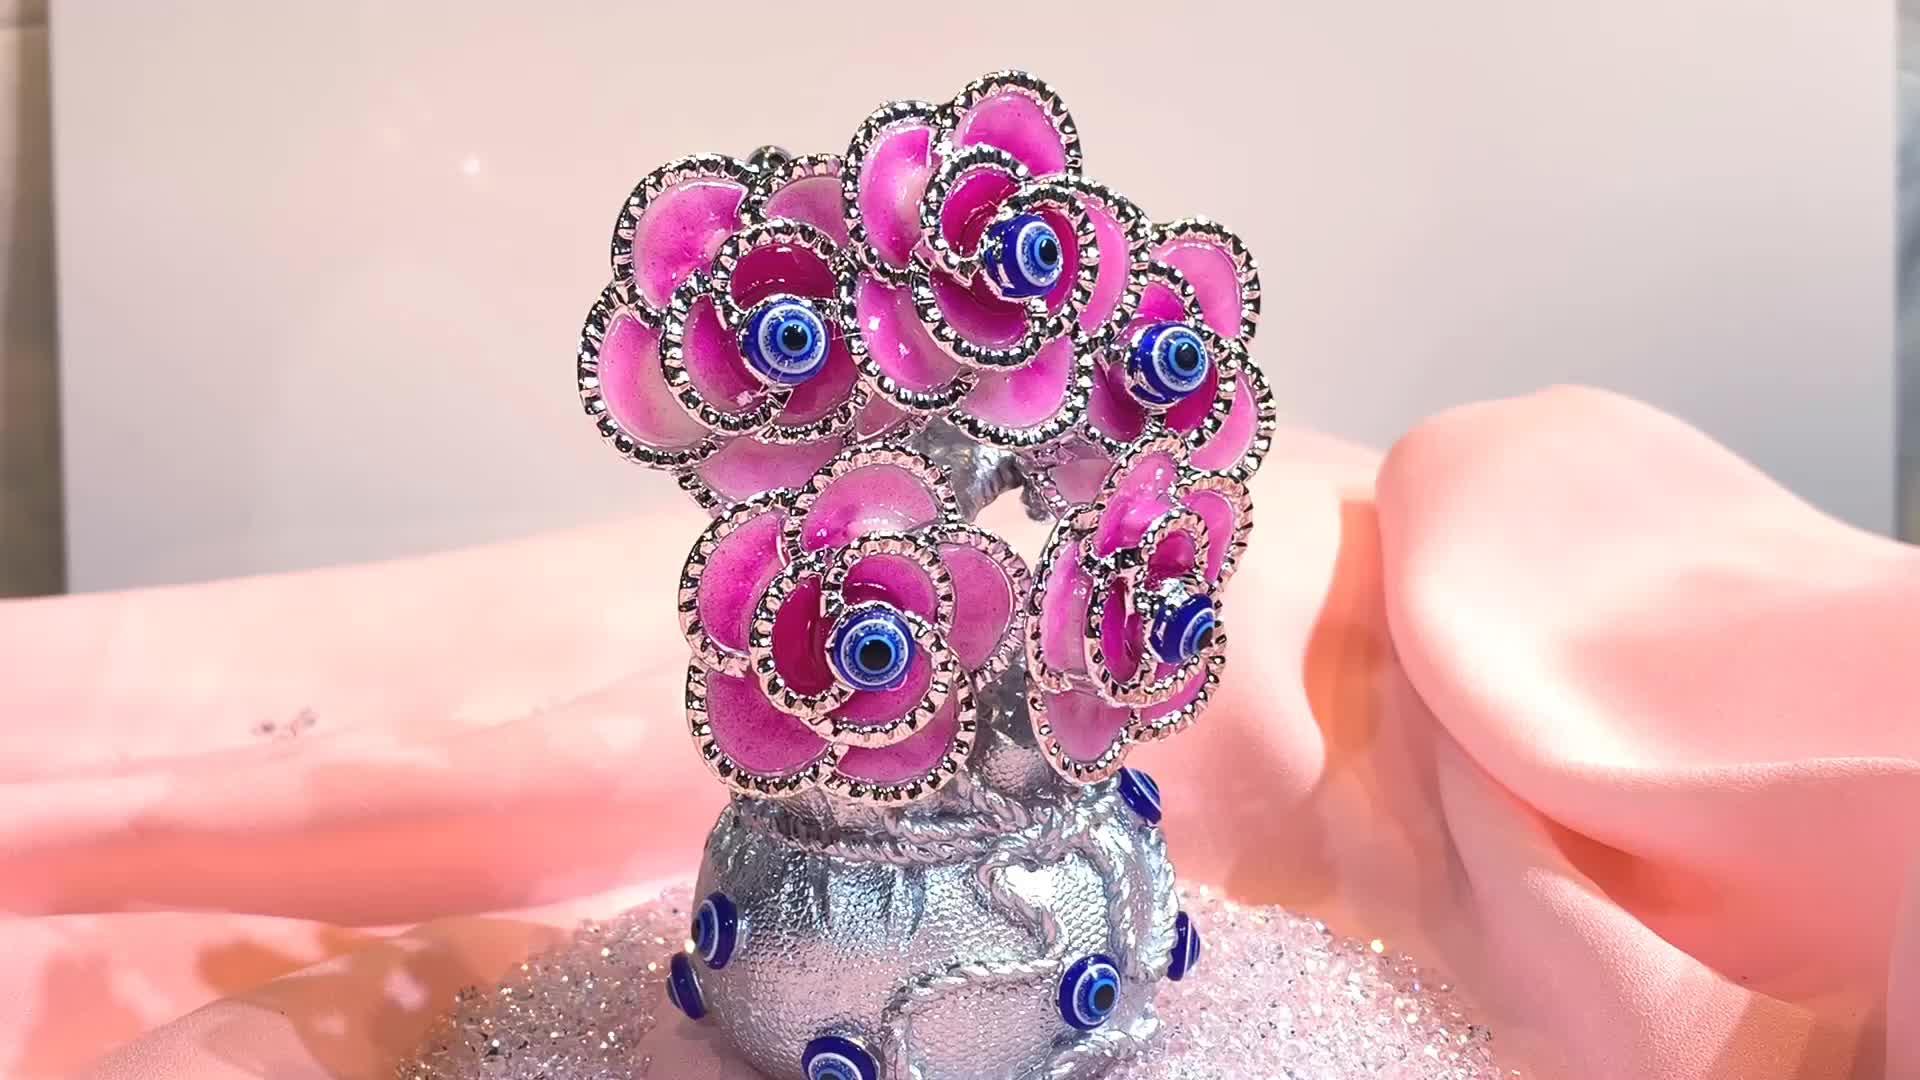 H & D китайский фэн шуй украшения синий злые глаза розовые цветы Декор гибкие ветви серебро бонсай дерево на сокровище горшок